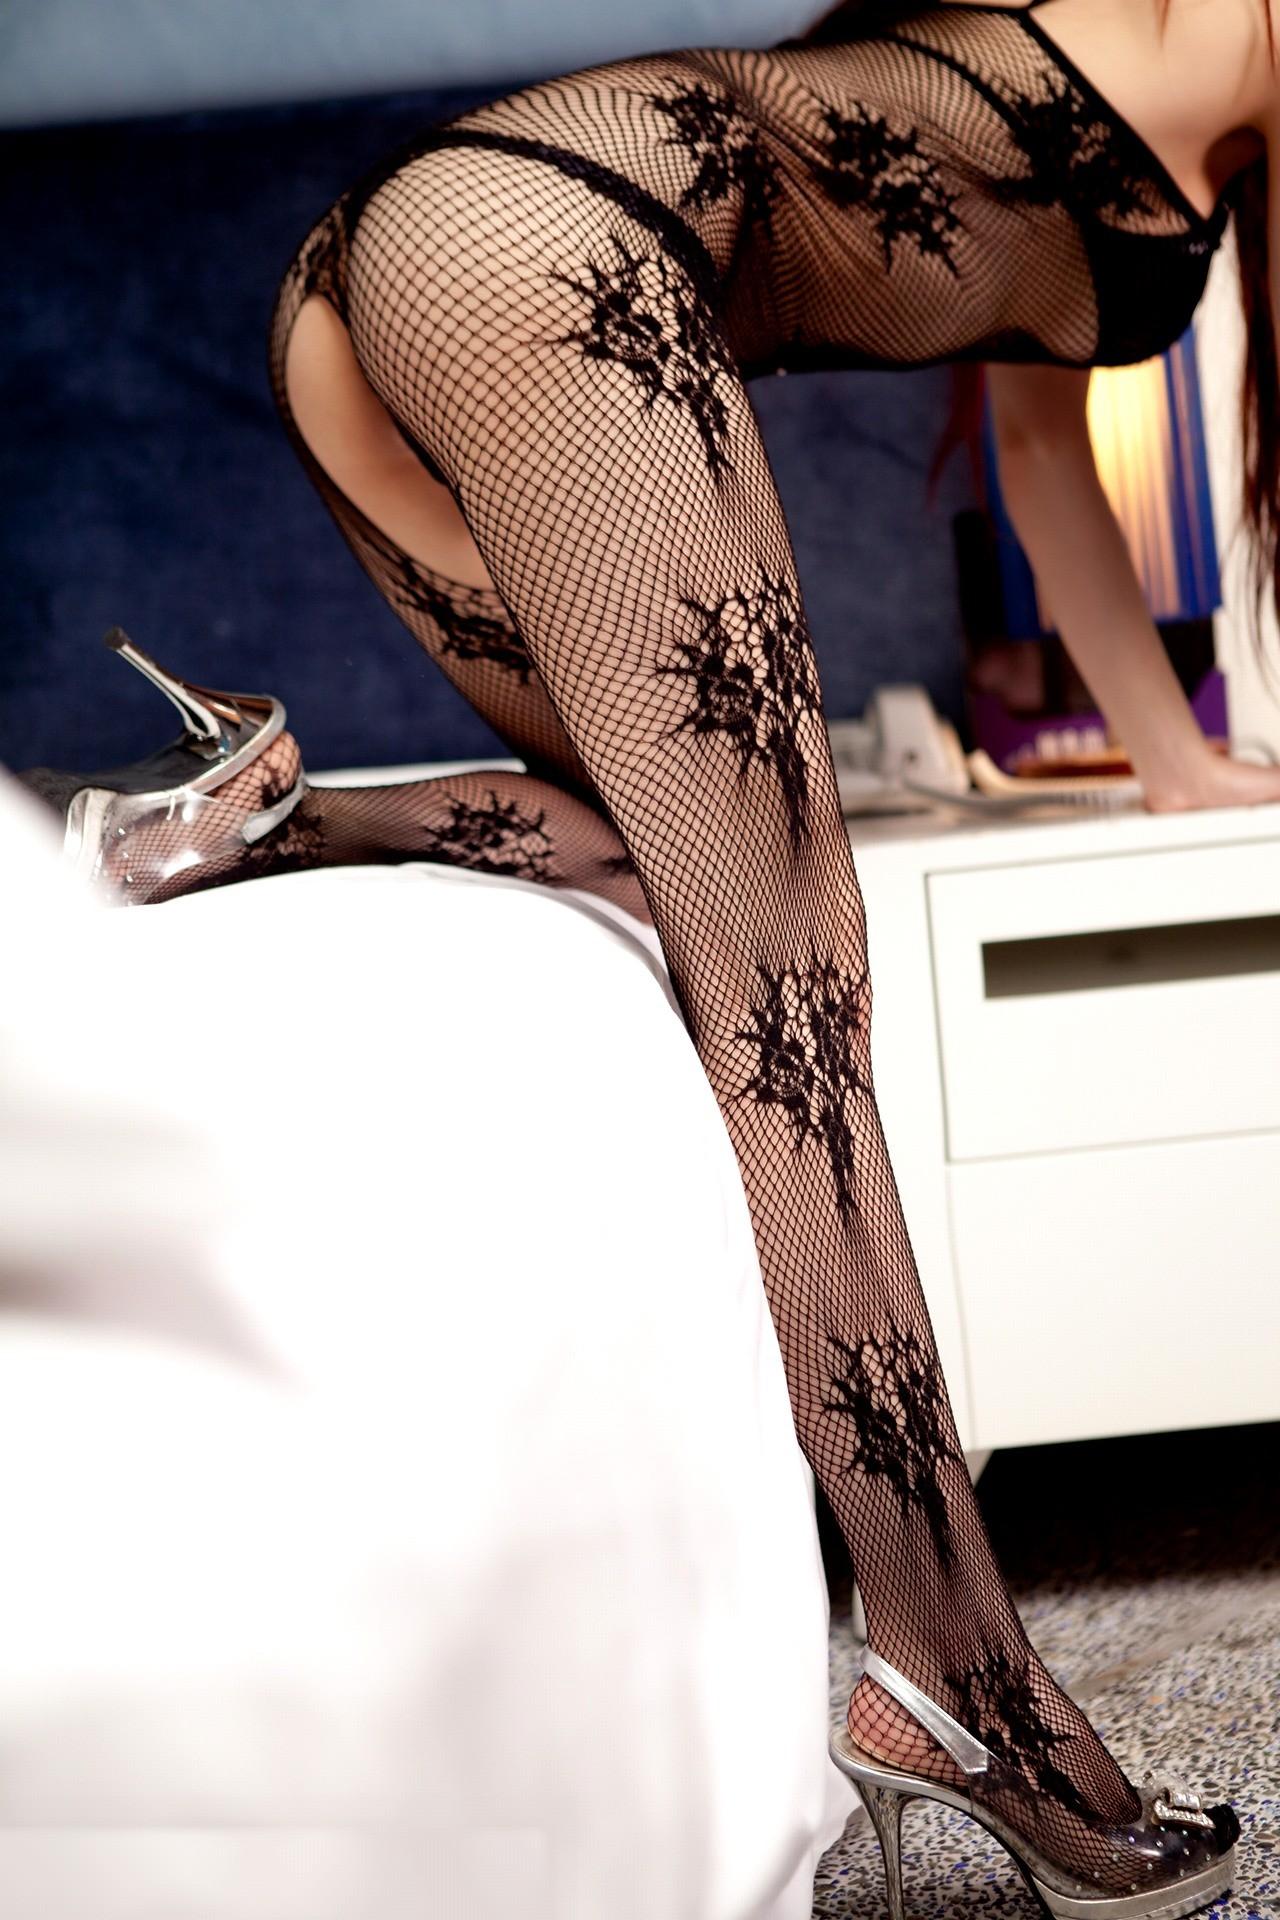 【下着エロ画像】股間は穴開きw行為用でしかない全身網タイツを纏う痴女www 08